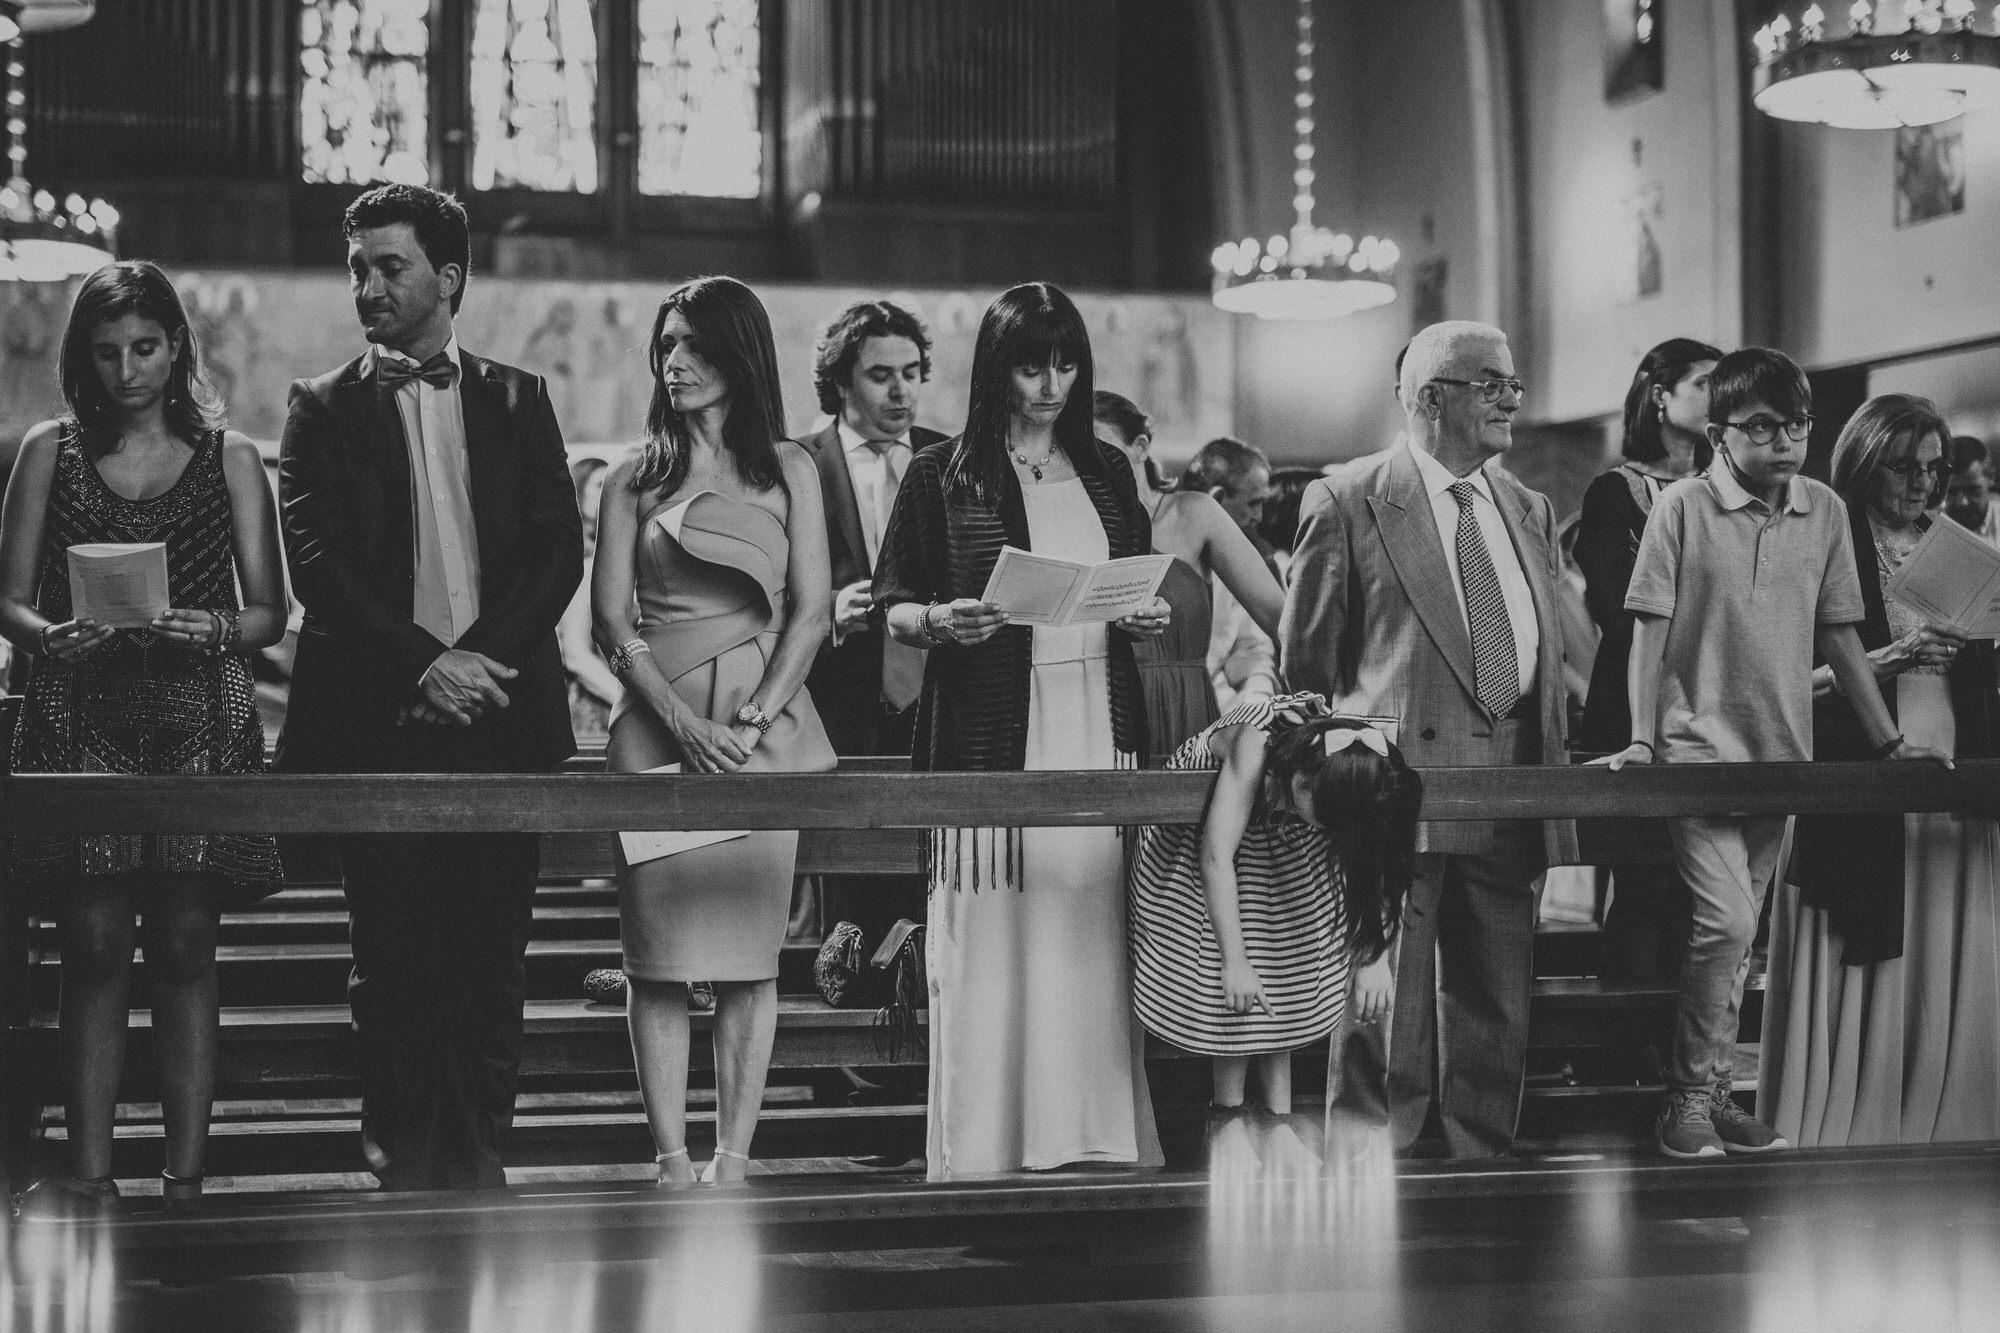 Filipe Santiago Fotografia-fotografo-malveira-lisboa-cascais-mafra-melhores-reportagem-wedding-photography-portugal-lisbon-best-natural-casamentos-lifestyle-bride-ideias-rustic-boho-hair-mackup-damas-preparativos-preparations-bridemaids-dress-shoes-bouquet-trends-church-cerimony